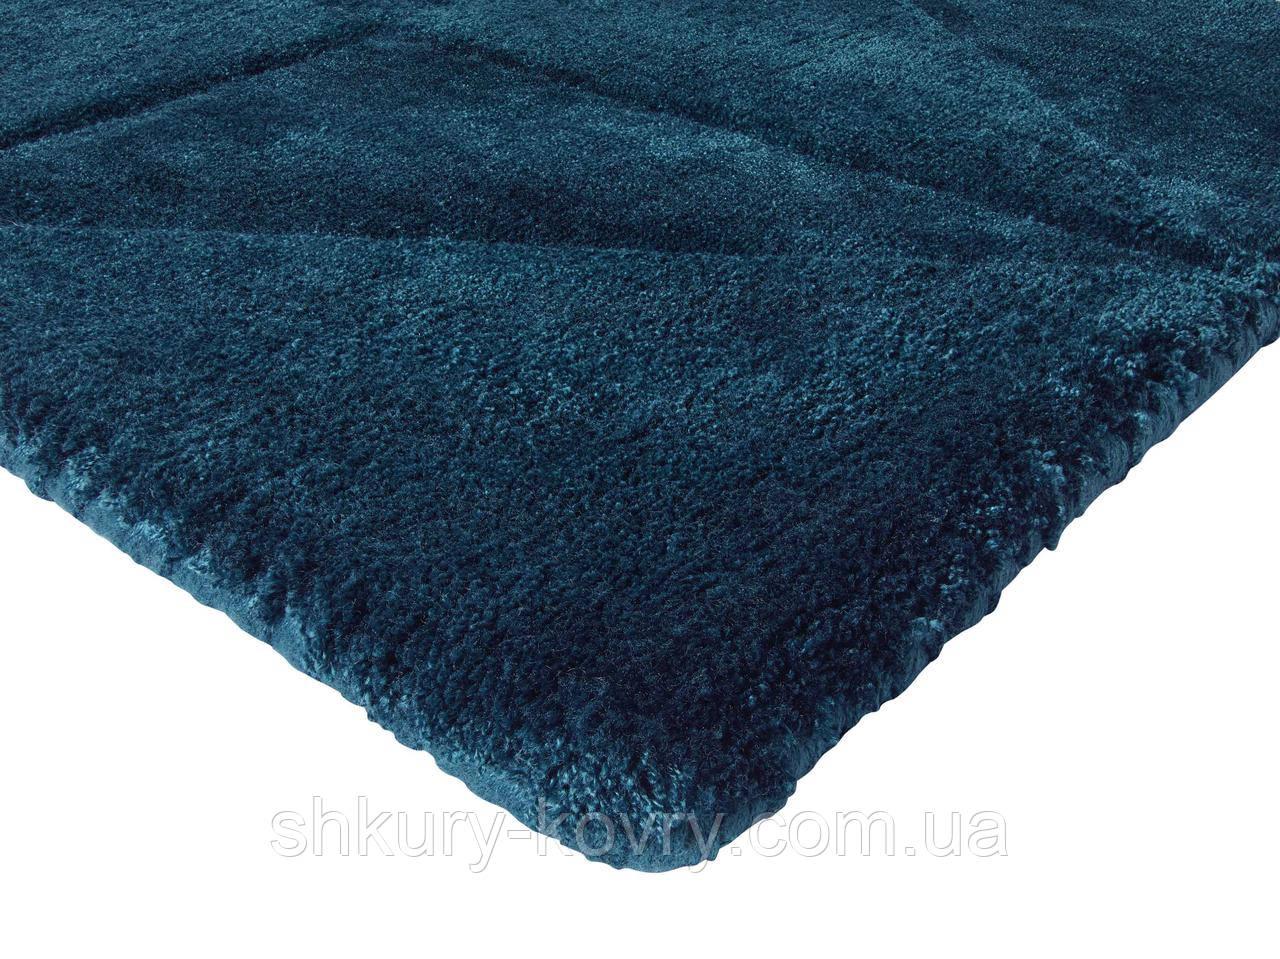 Темно синий ковер с выдавленым абстрактным узором в виде треугольников из натурального бамбукового шелка